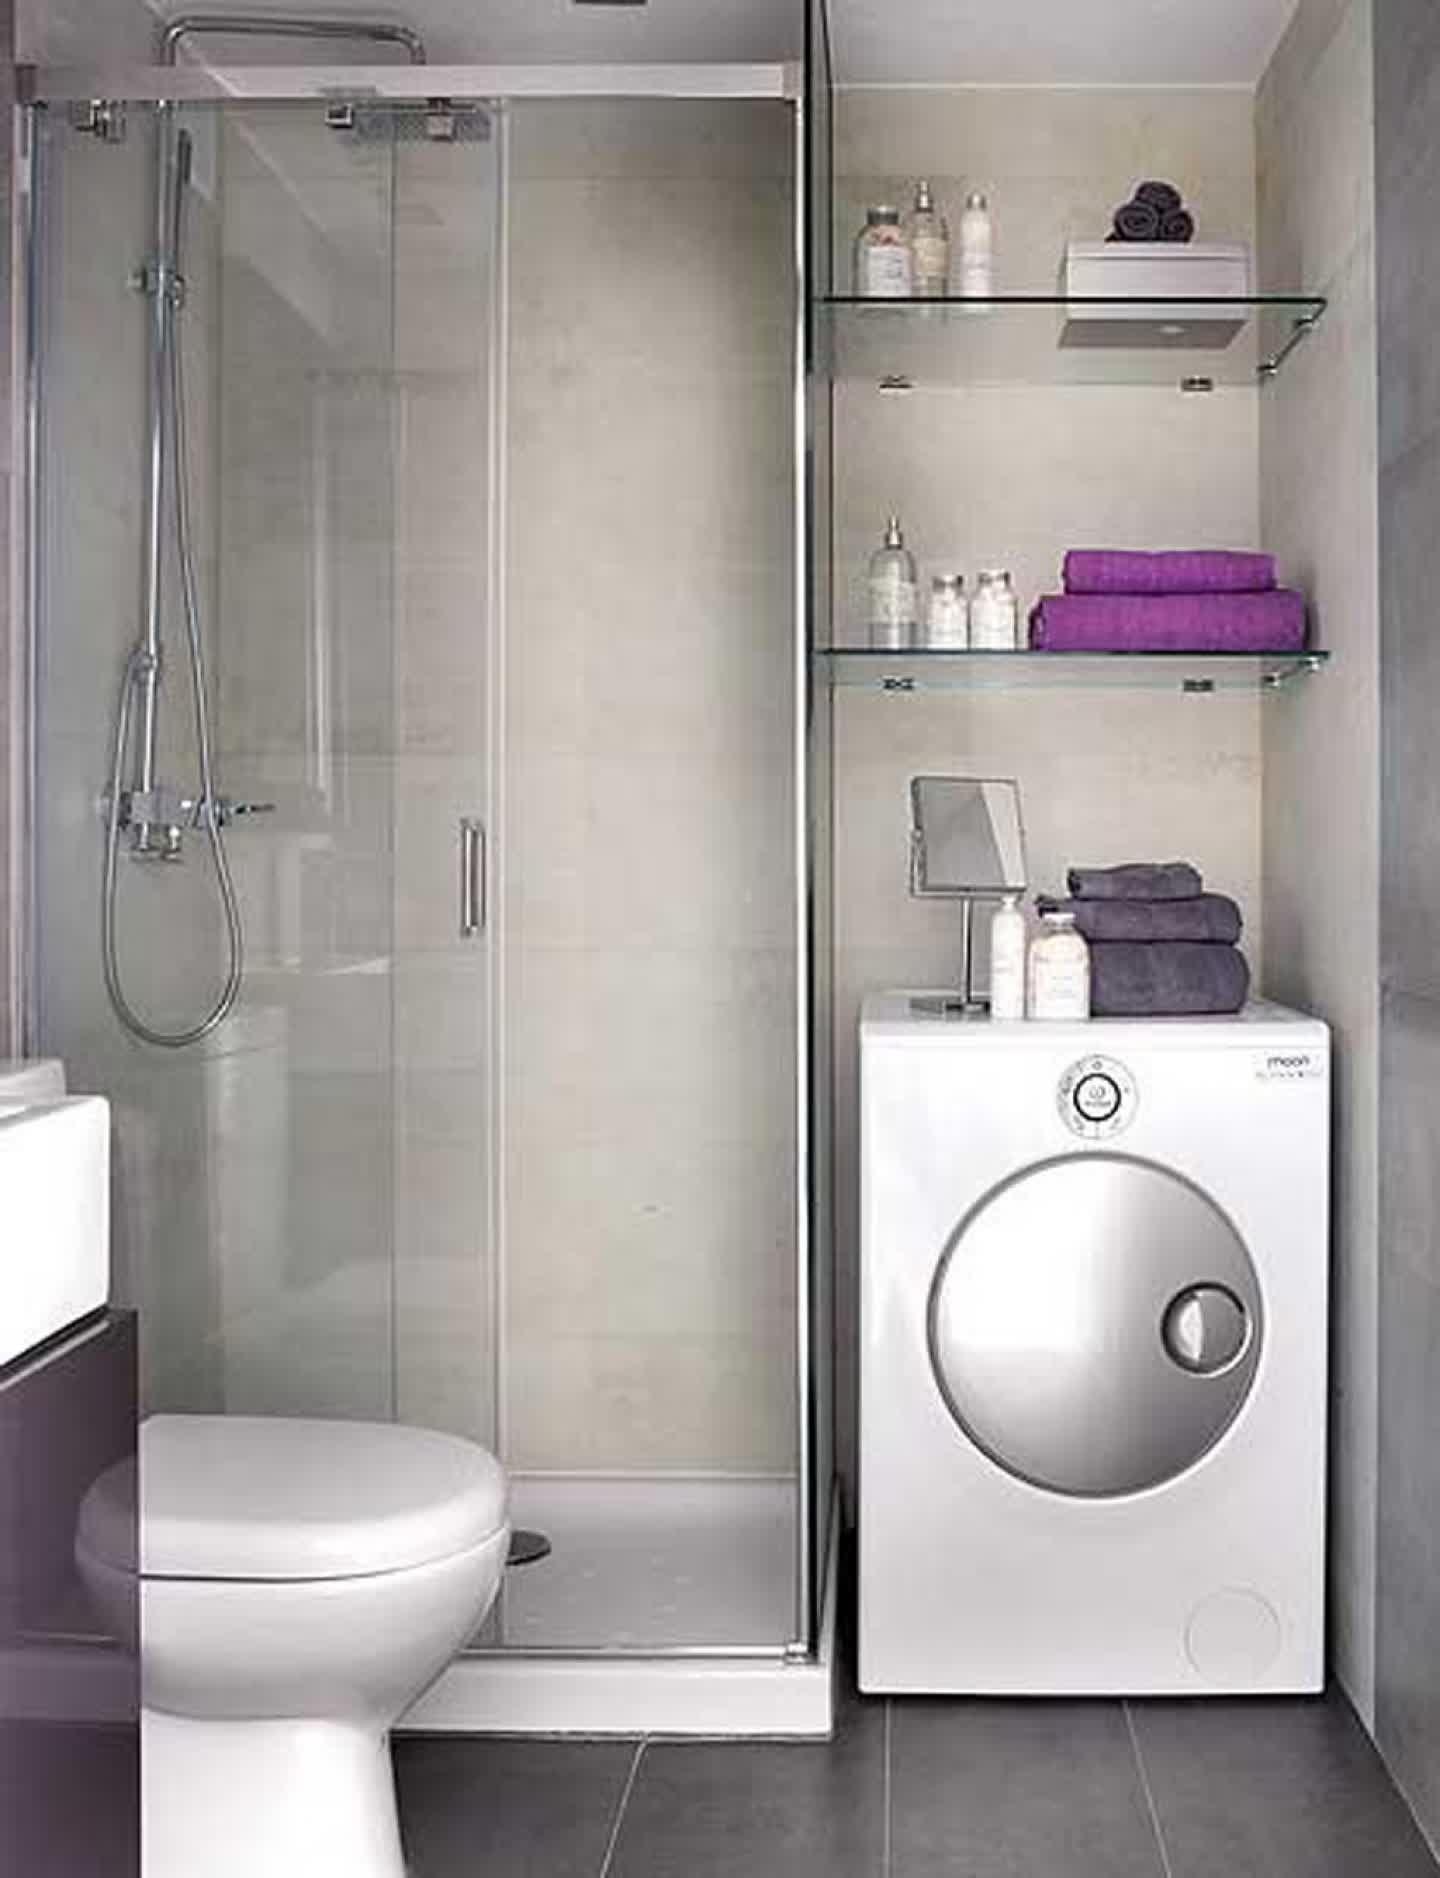 Badezimmer Dusche Ideen Gemischt Mit Weissen Toilette Und Einfach Kleine Transparente Glas Schrank Au House Bathroom Designs Laundry In Bathroom Small Bathroom